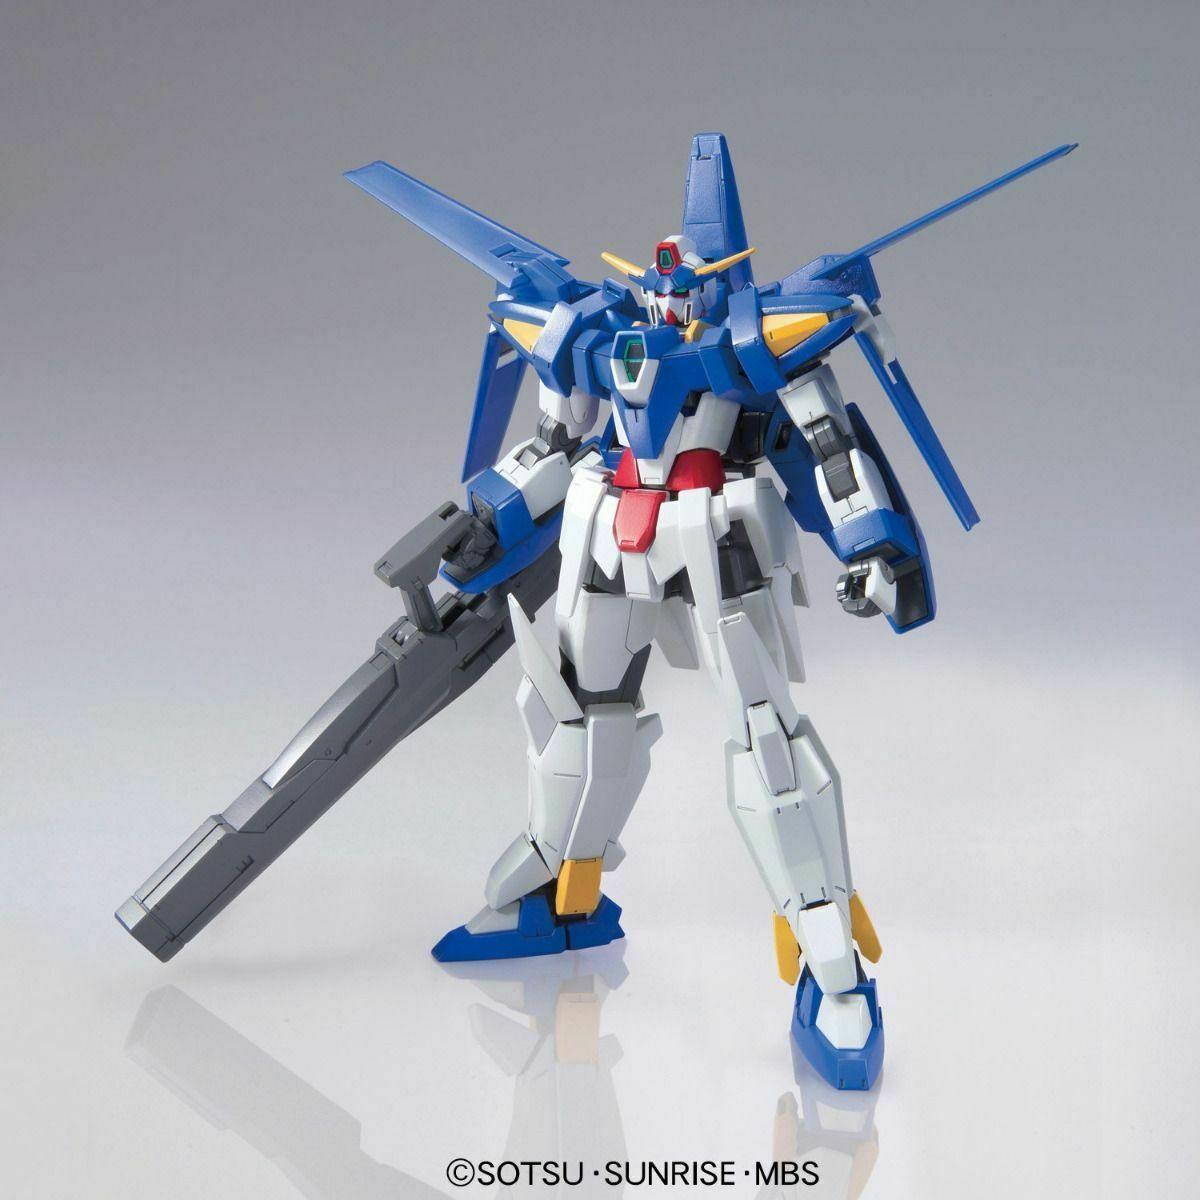 HG 1/144 AGE-3 ガンダムAGE-3 ノーマル [Gundam AGE-3 Normal] 0175706 5057386 4543112757067 4573102573865